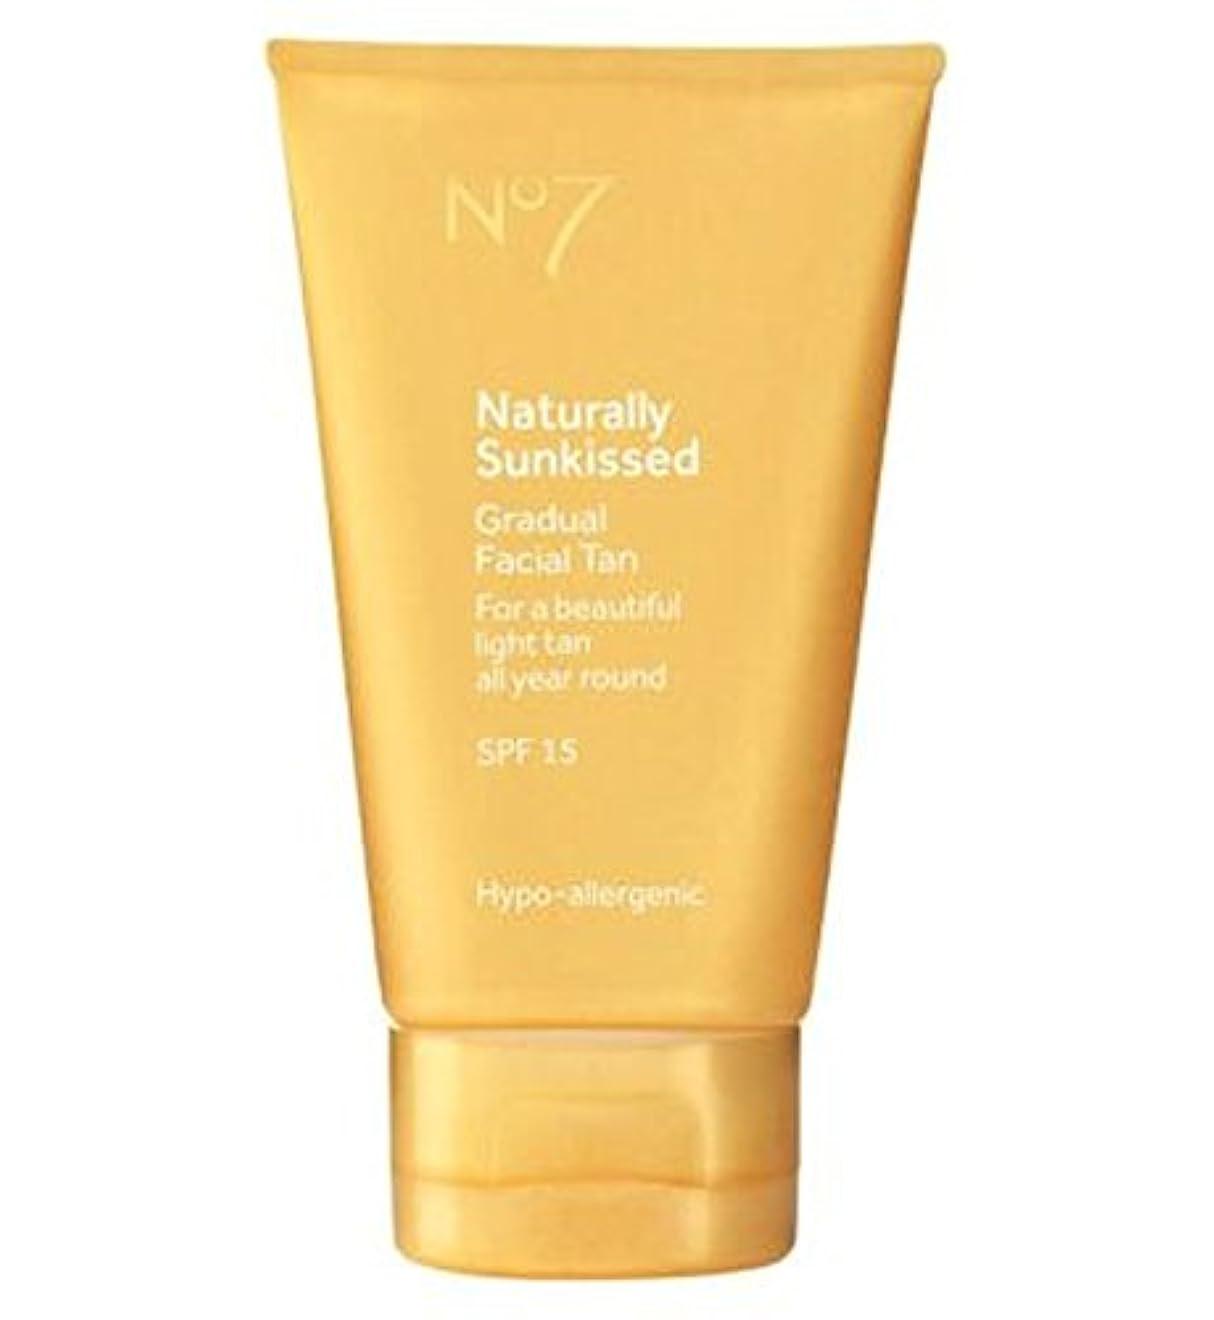 復活森林サイクルNo7は自然に太陽が緩やかな顔日焼けSp15にキスをしました (No7) (x2) - No7 Naturally Sun Kissed Gradual Face Tan SP15 (Pack of 2) [並行輸入品]